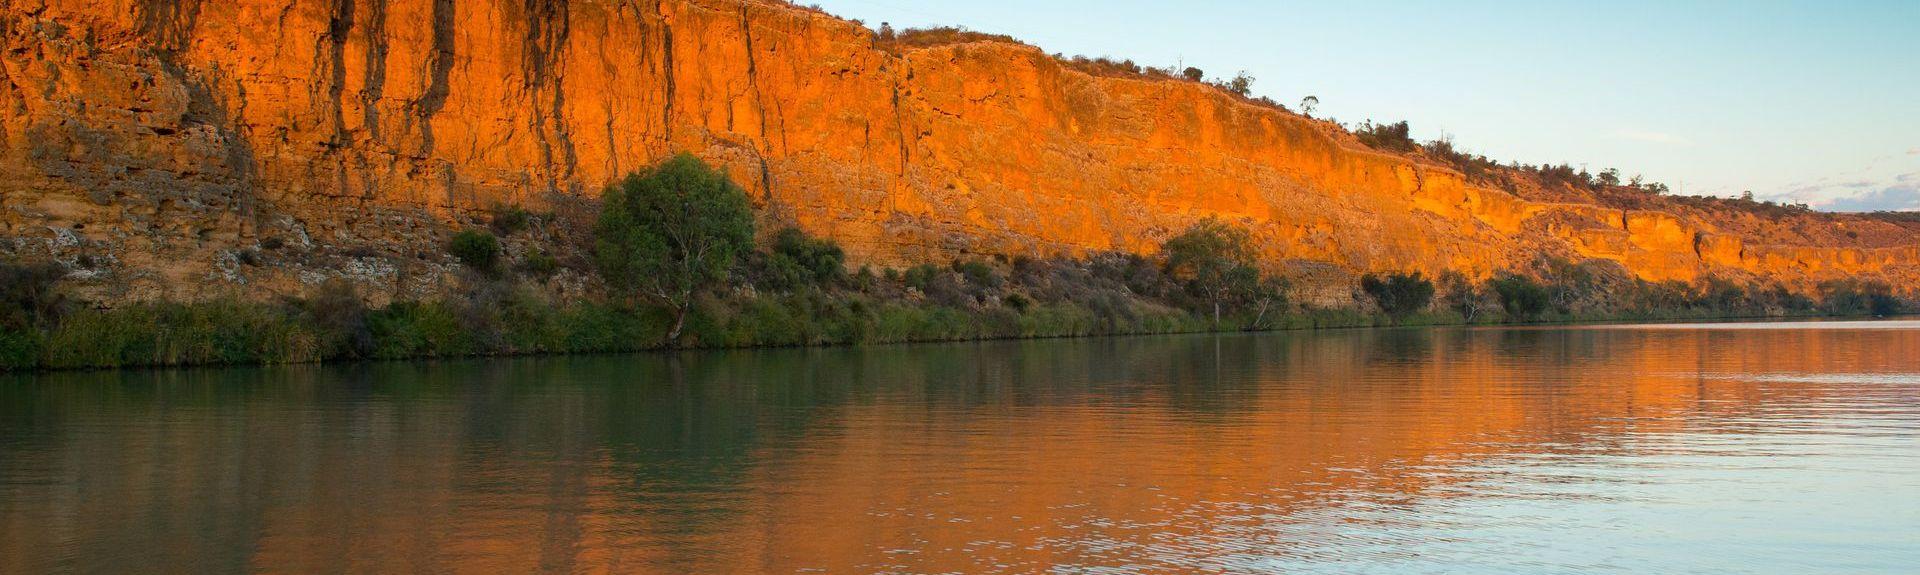 Mannum, Australie-Méridionale, Australie